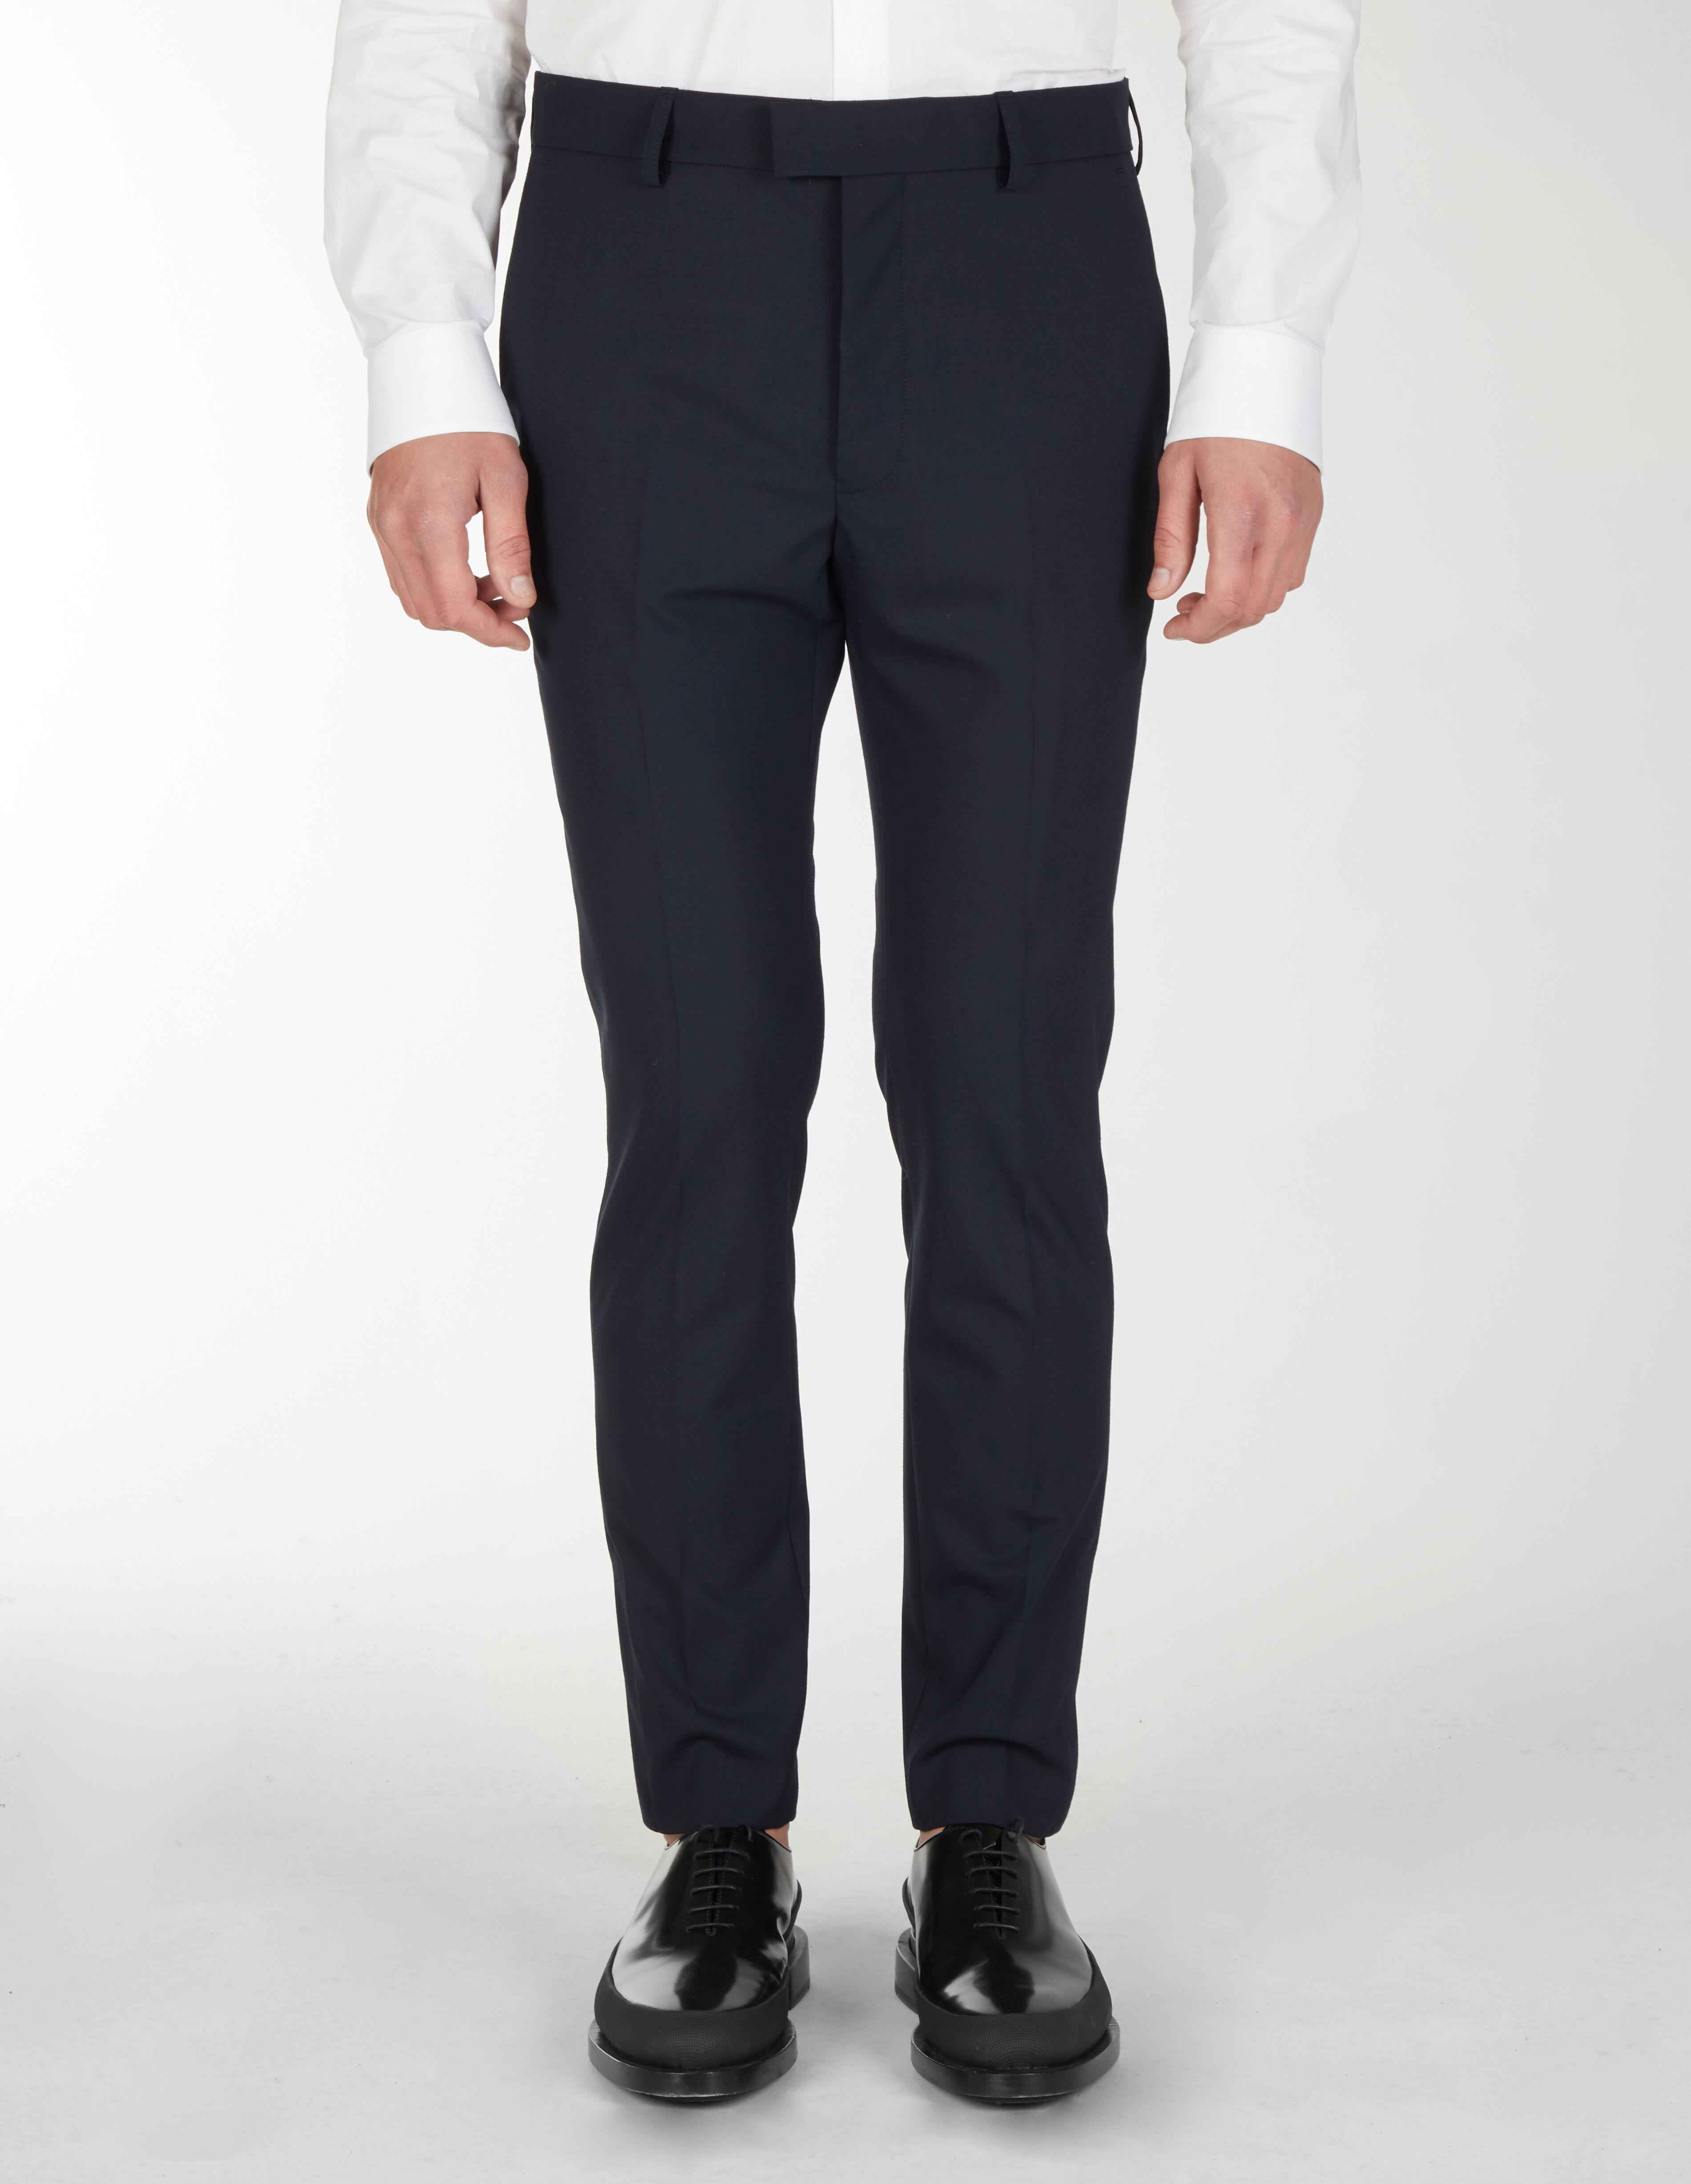 Pantaloni Classici Con Tagli Verticali E Velcro Sul Fondo - Les Hommes